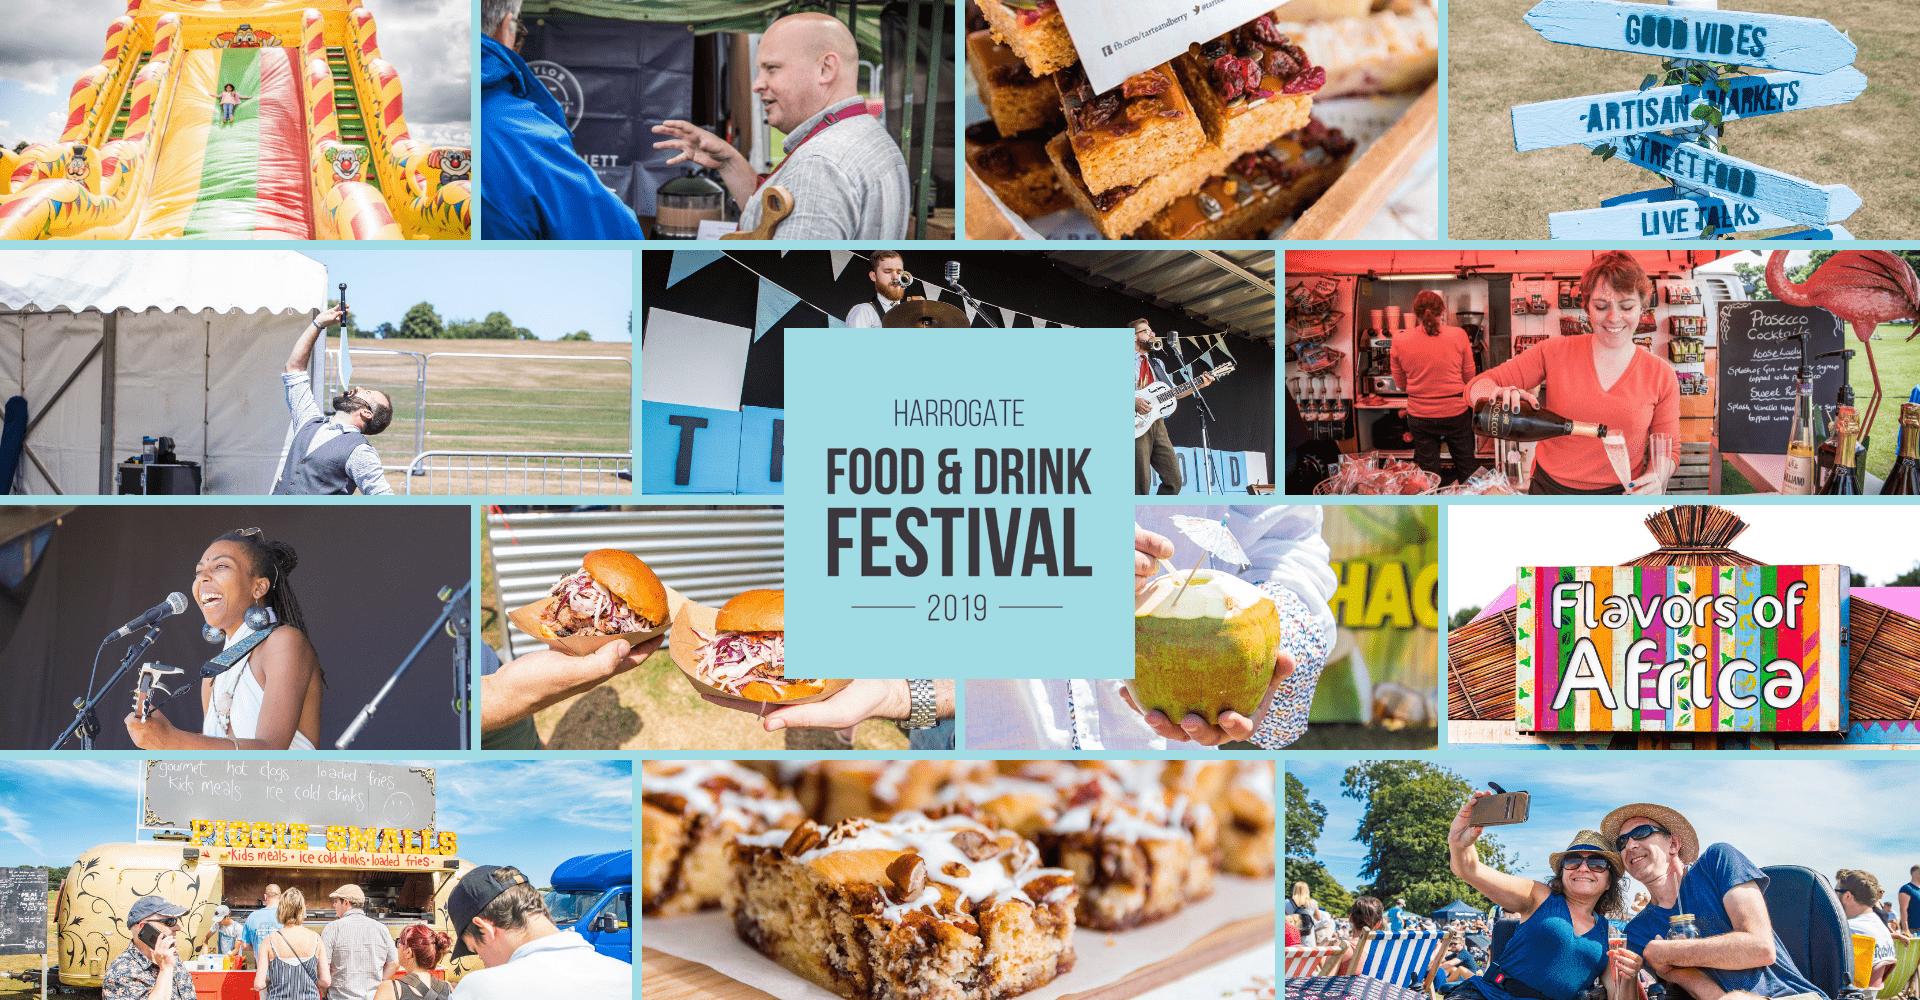 Harrogate Food & Drink Festival